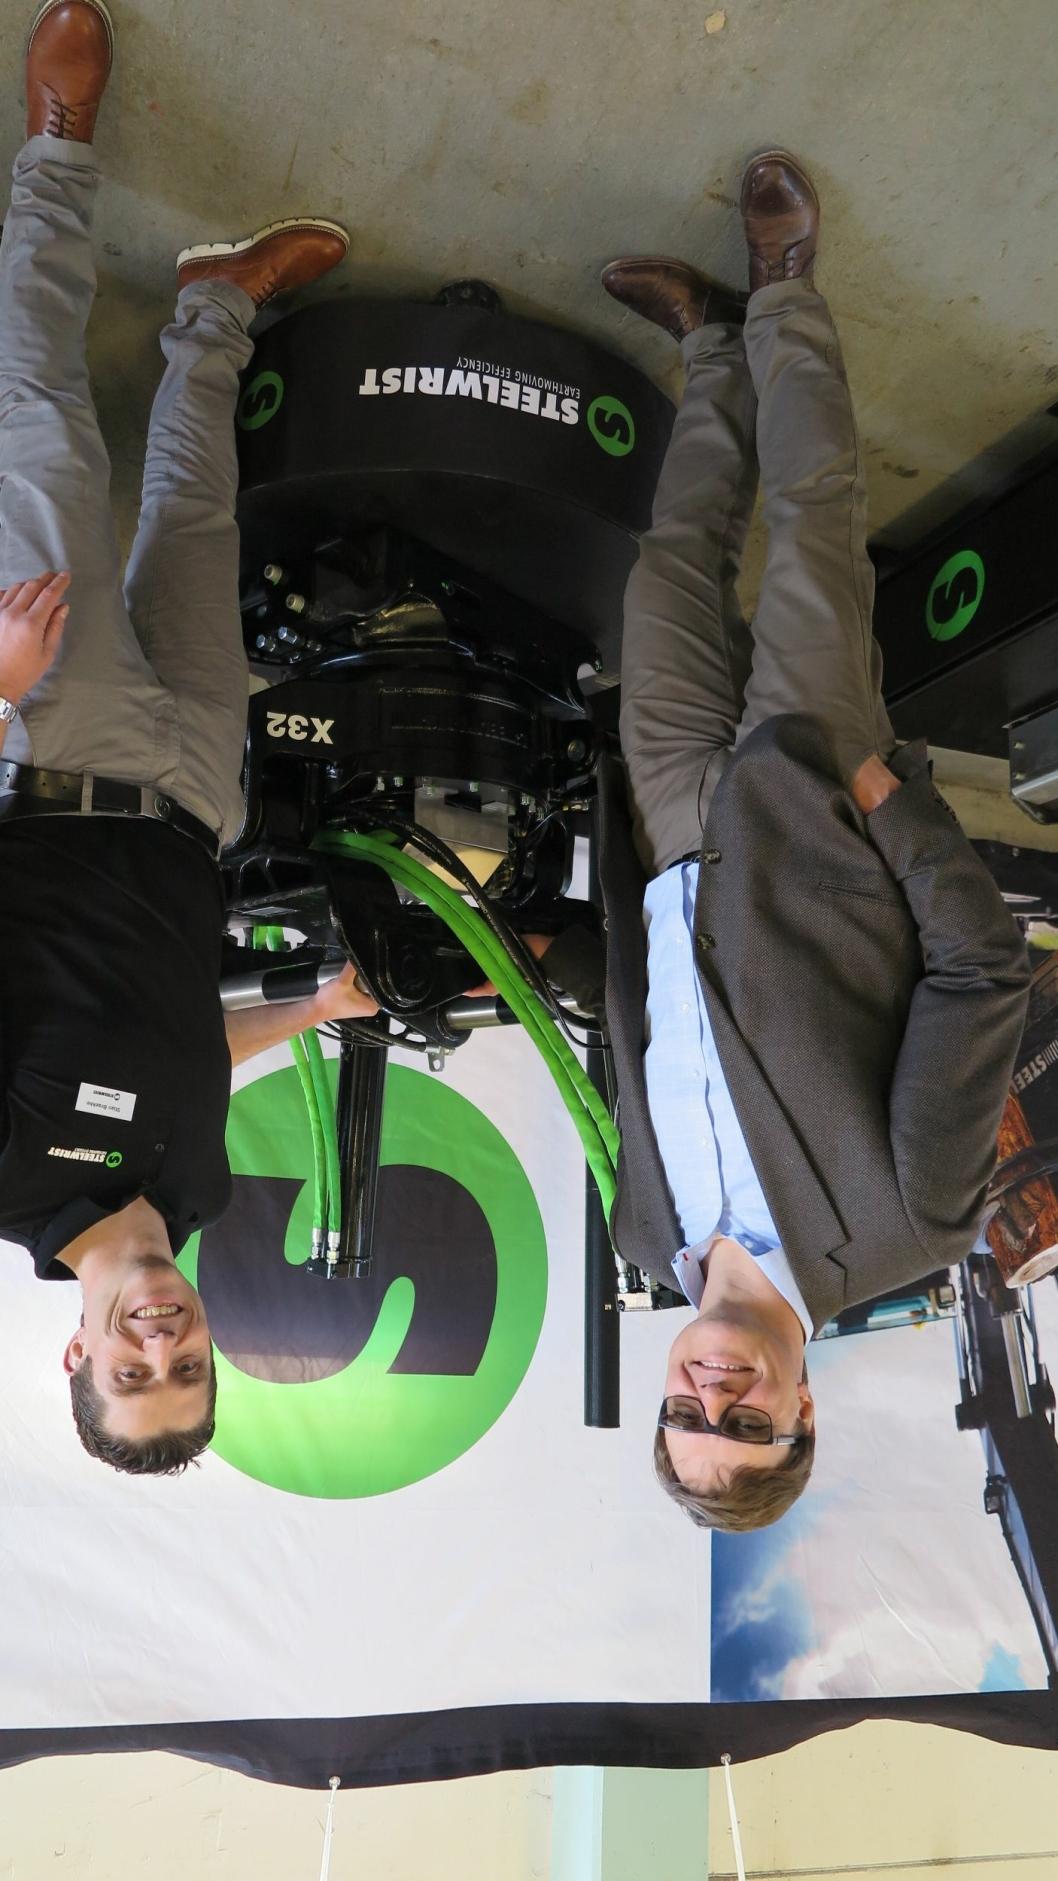 En stolt og lettet Steelwrist-sjef Stefan Stockhaus (t.v.) og Norges-leder Stian Brække foran tiltrotatoren X32 som kom allerede i 2014, men nå har fått fast OQ-topp. Redskapet har lav byggehøyde, vekten er lav, men styrken er økt.